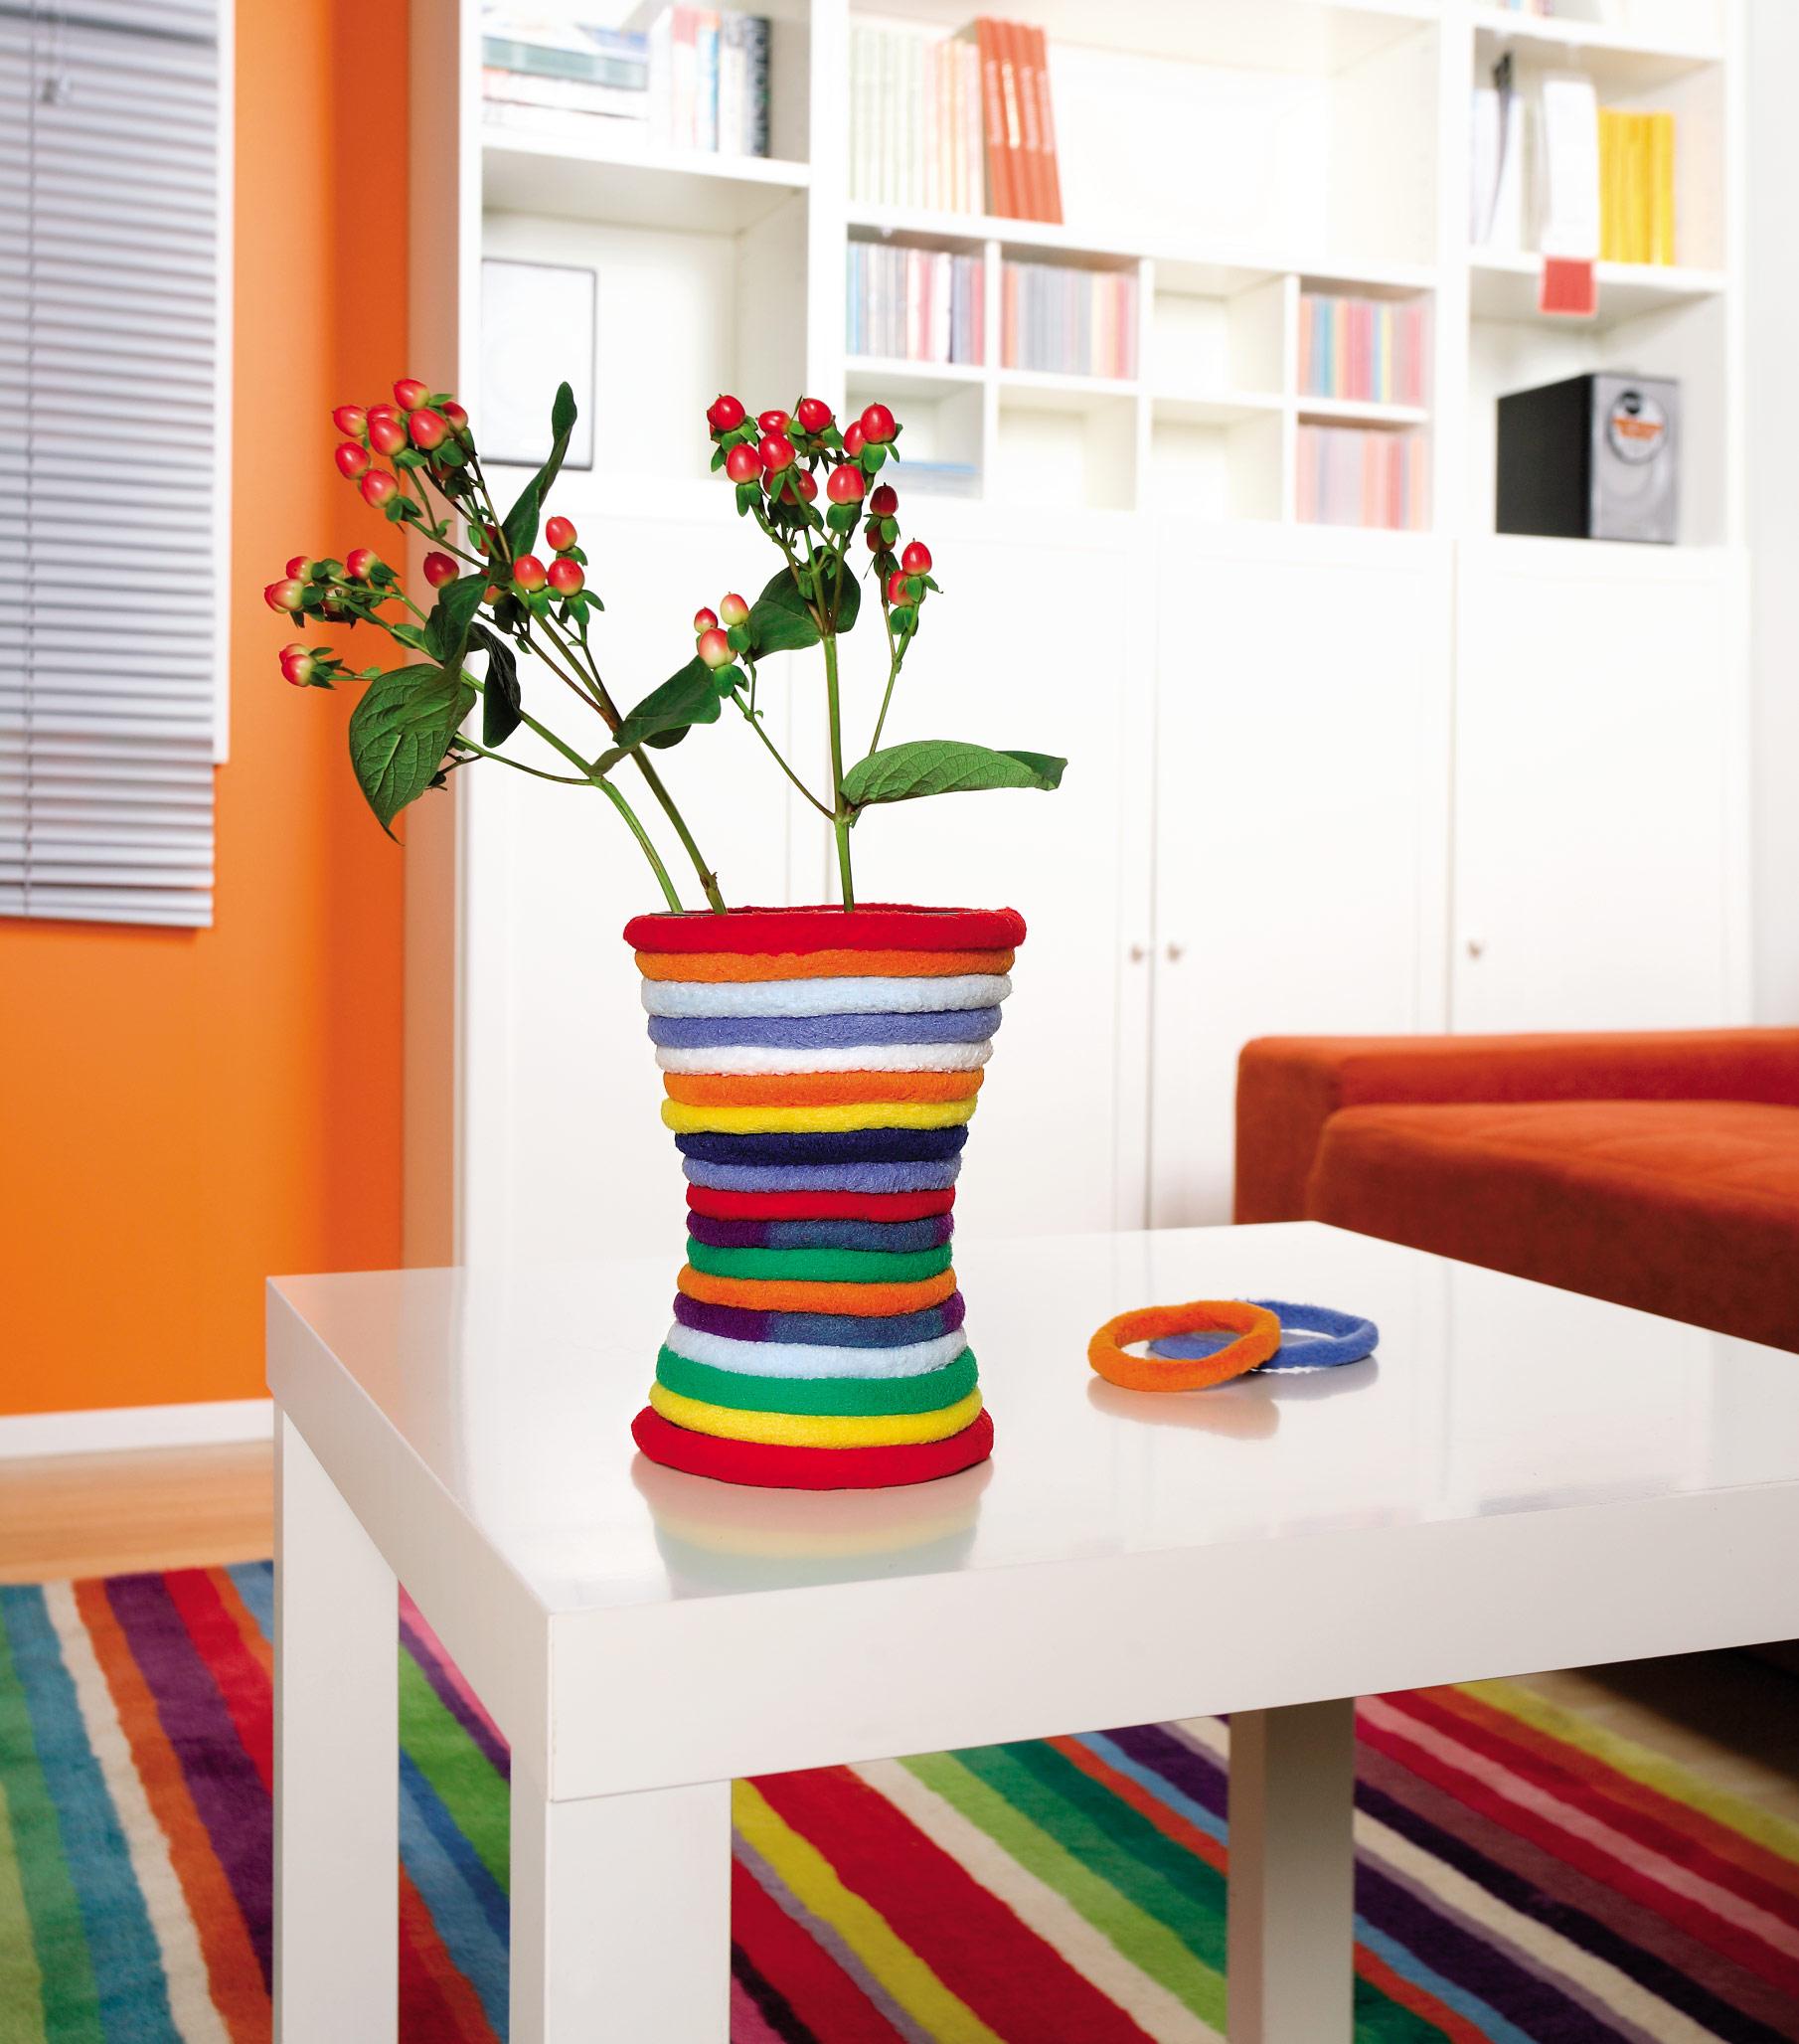 Мягкие резинки в декоре вазы